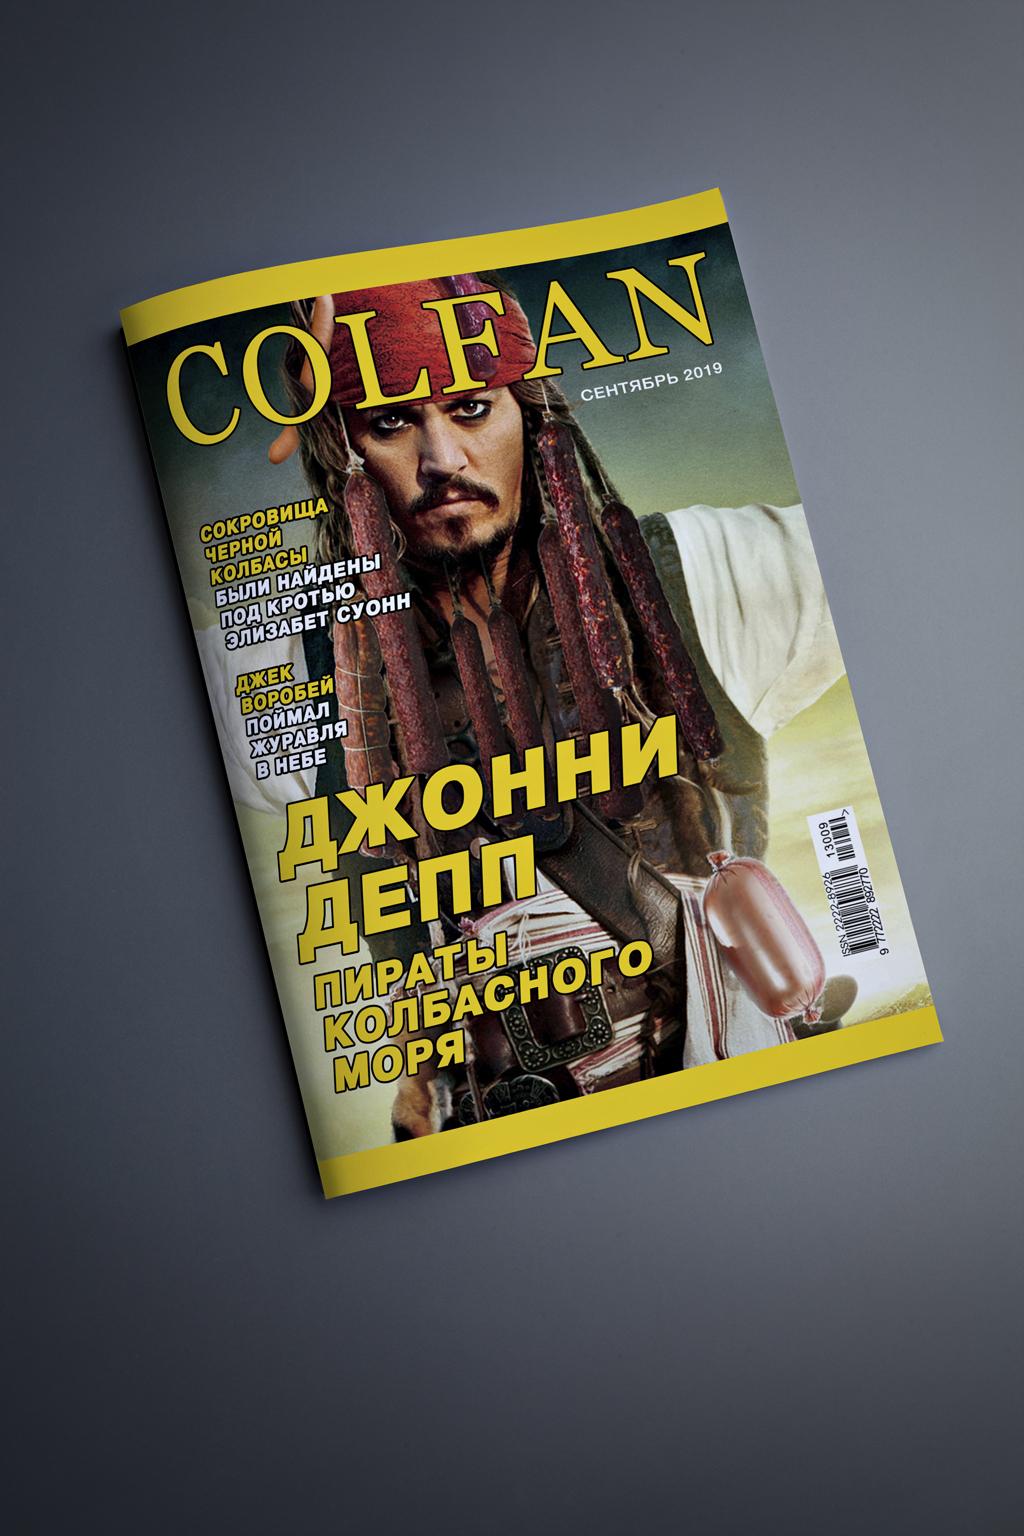 Полиграфический дизайн, Журнальный дизайн, Коллаж.  фото f_7665d715511d367d.jpg